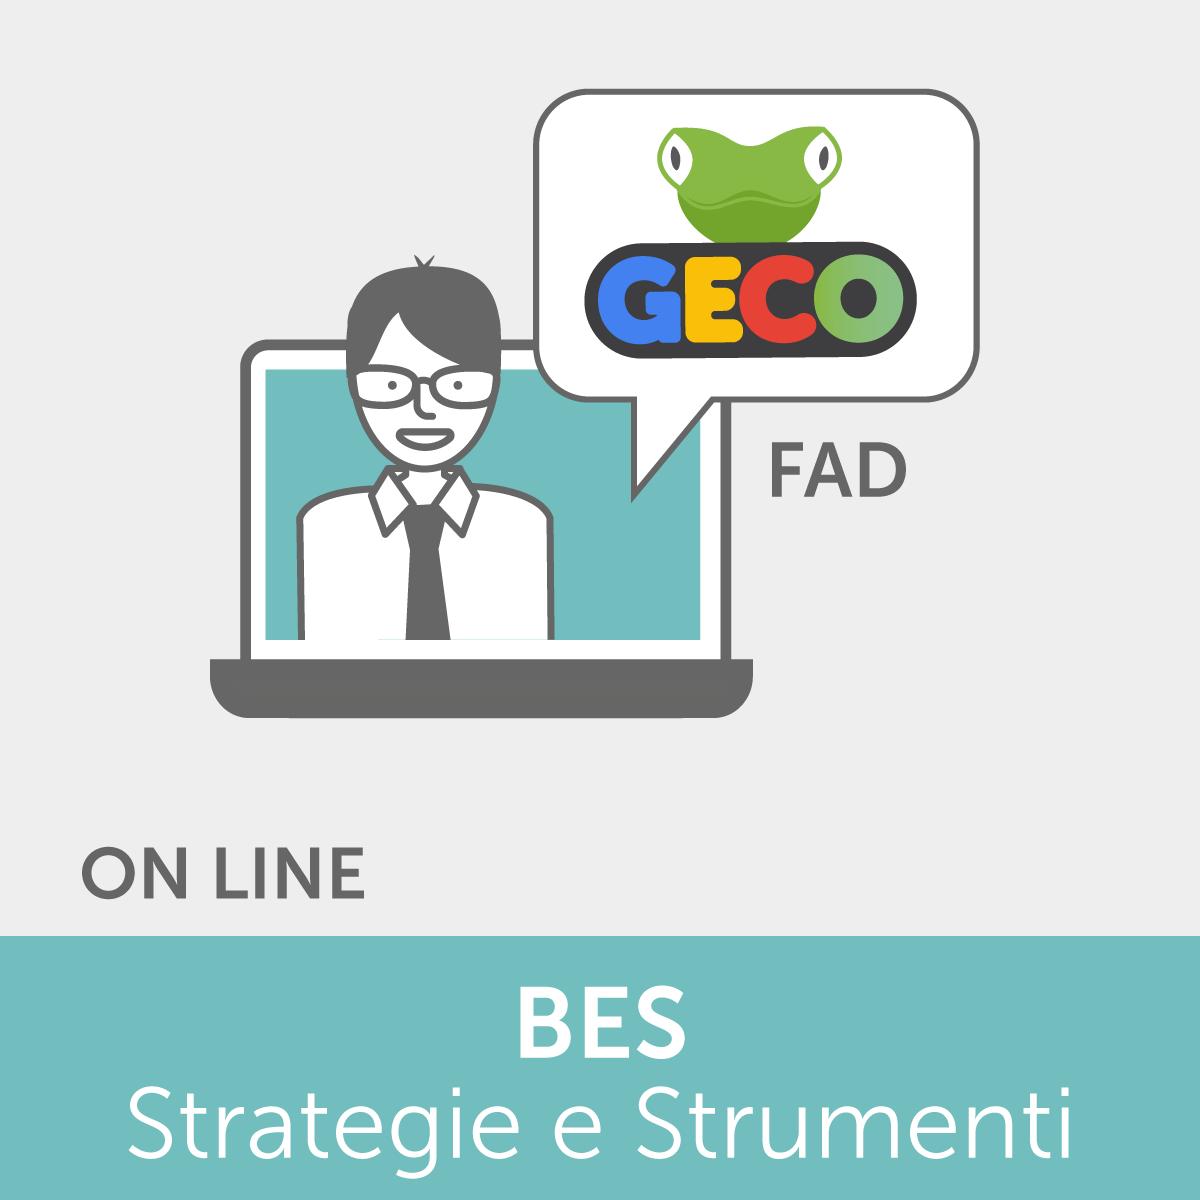 FAD - Bisogni Educativi Speciali: al lavoro con GECO!